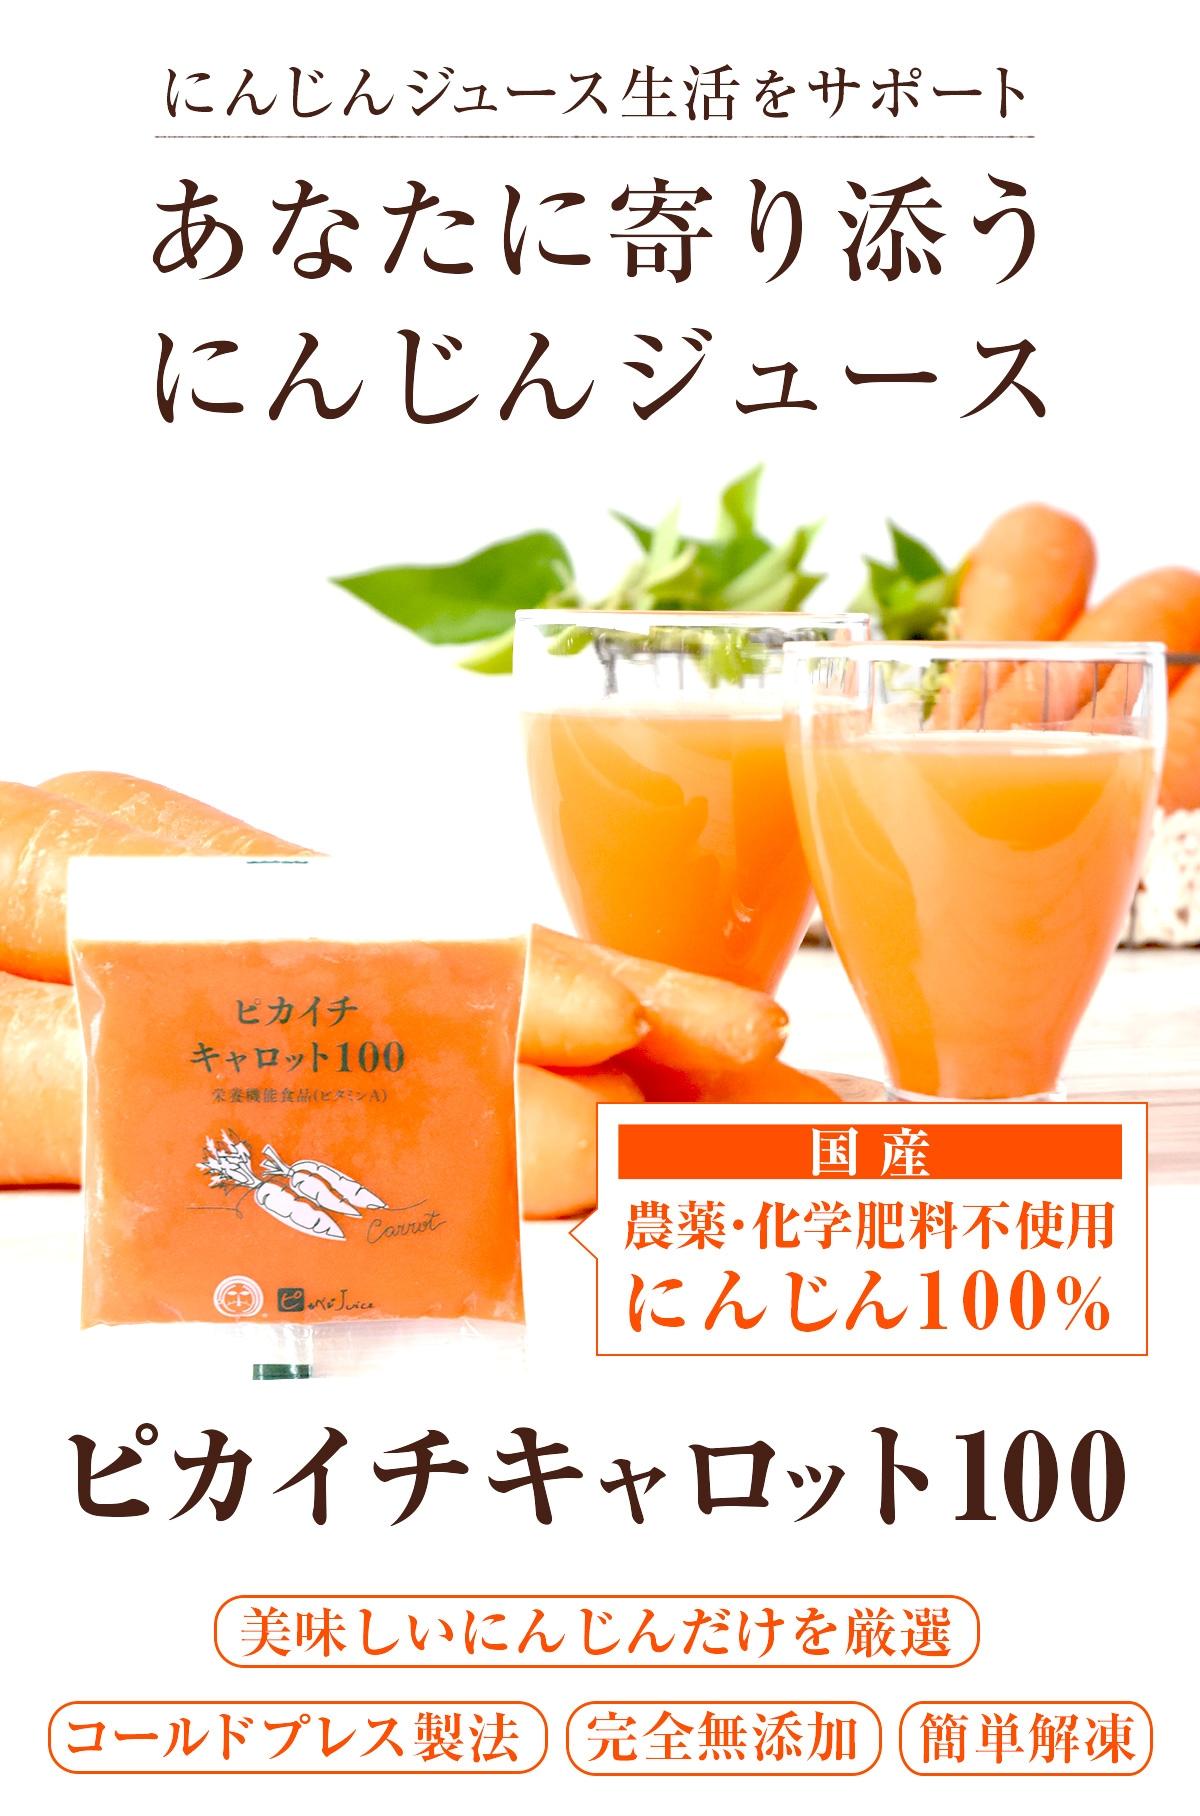 にんじんジュース生活をサポート